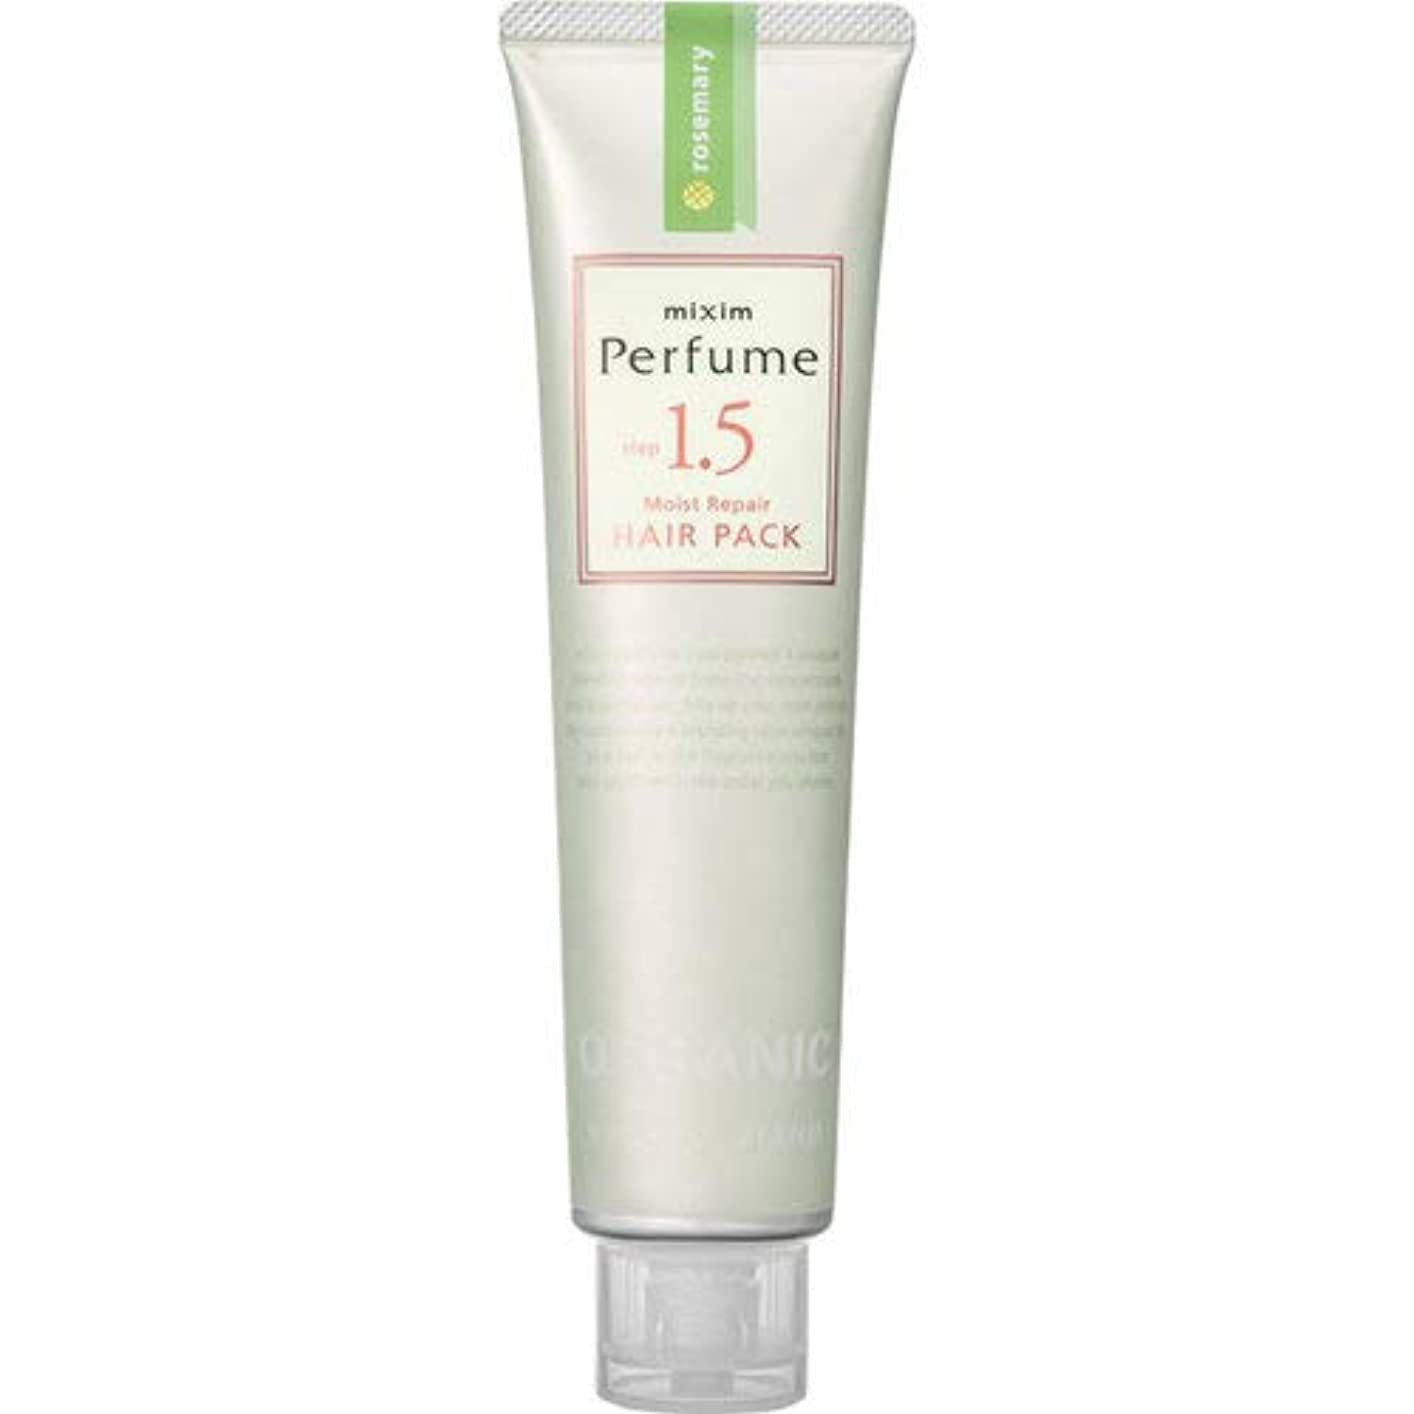 接続詞チューリップ一部mixim Perfume(ミクシムパフューム) モイストリペア ヘアパック 130g